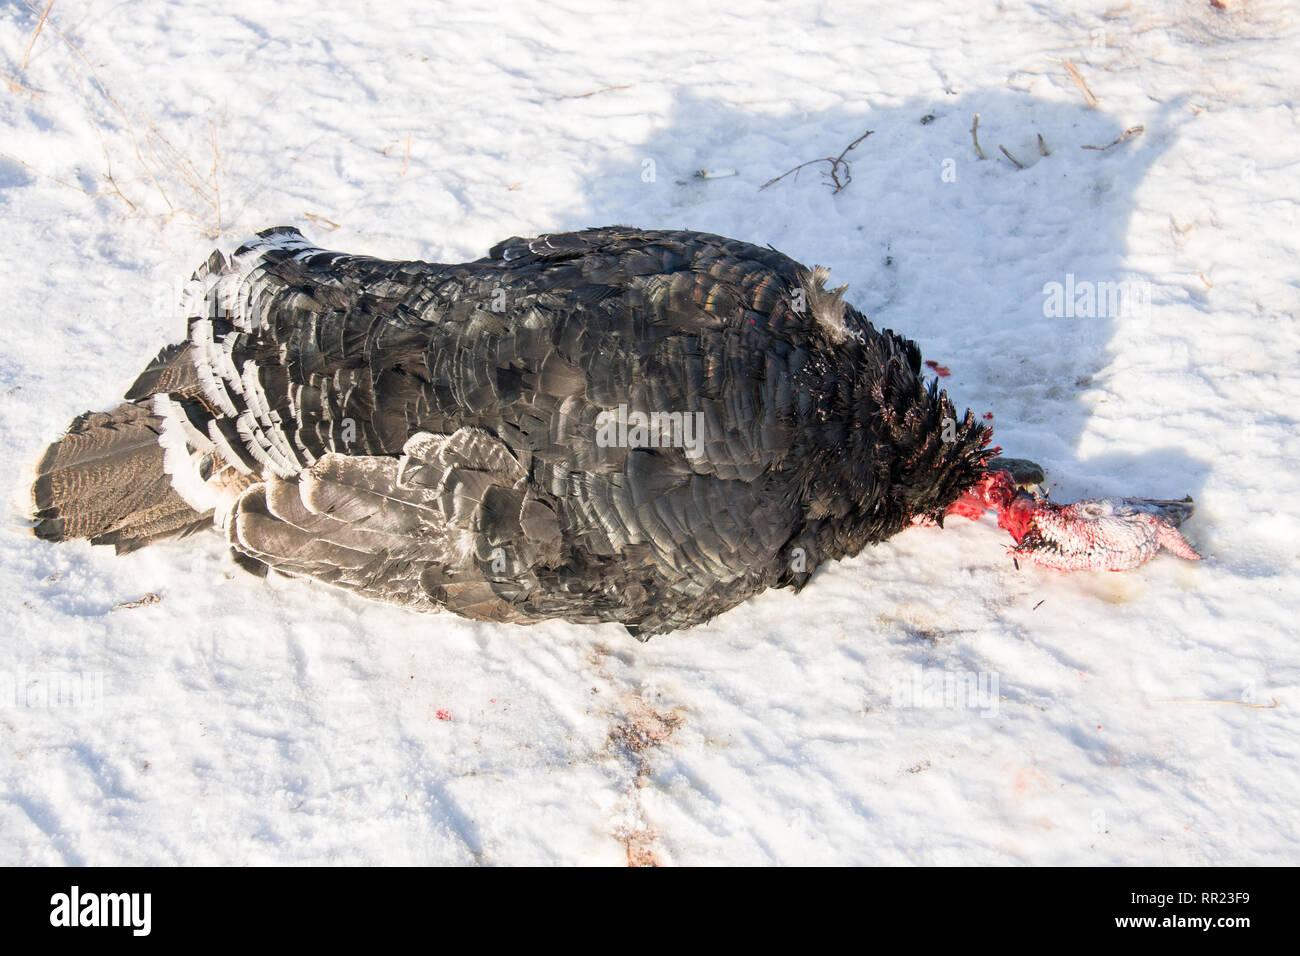 Die Türkei mit der abgetrennte Kopf im Schnee Stockbild